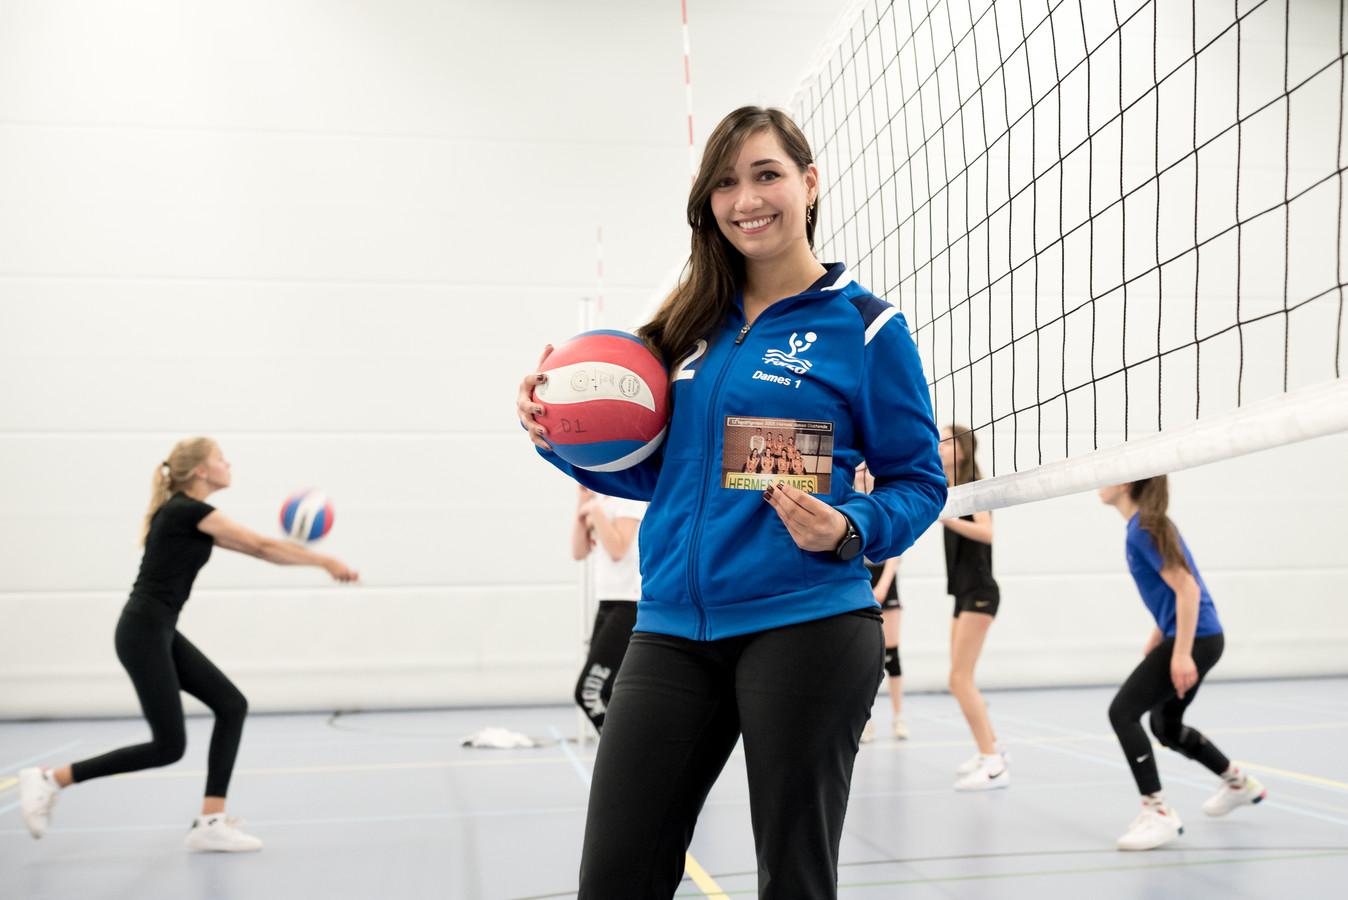 Bonny Leenders van Volleybalvereniging Forza Schouwen-Duiveland vertelt over een oude teamfoto uit haar jeugd.